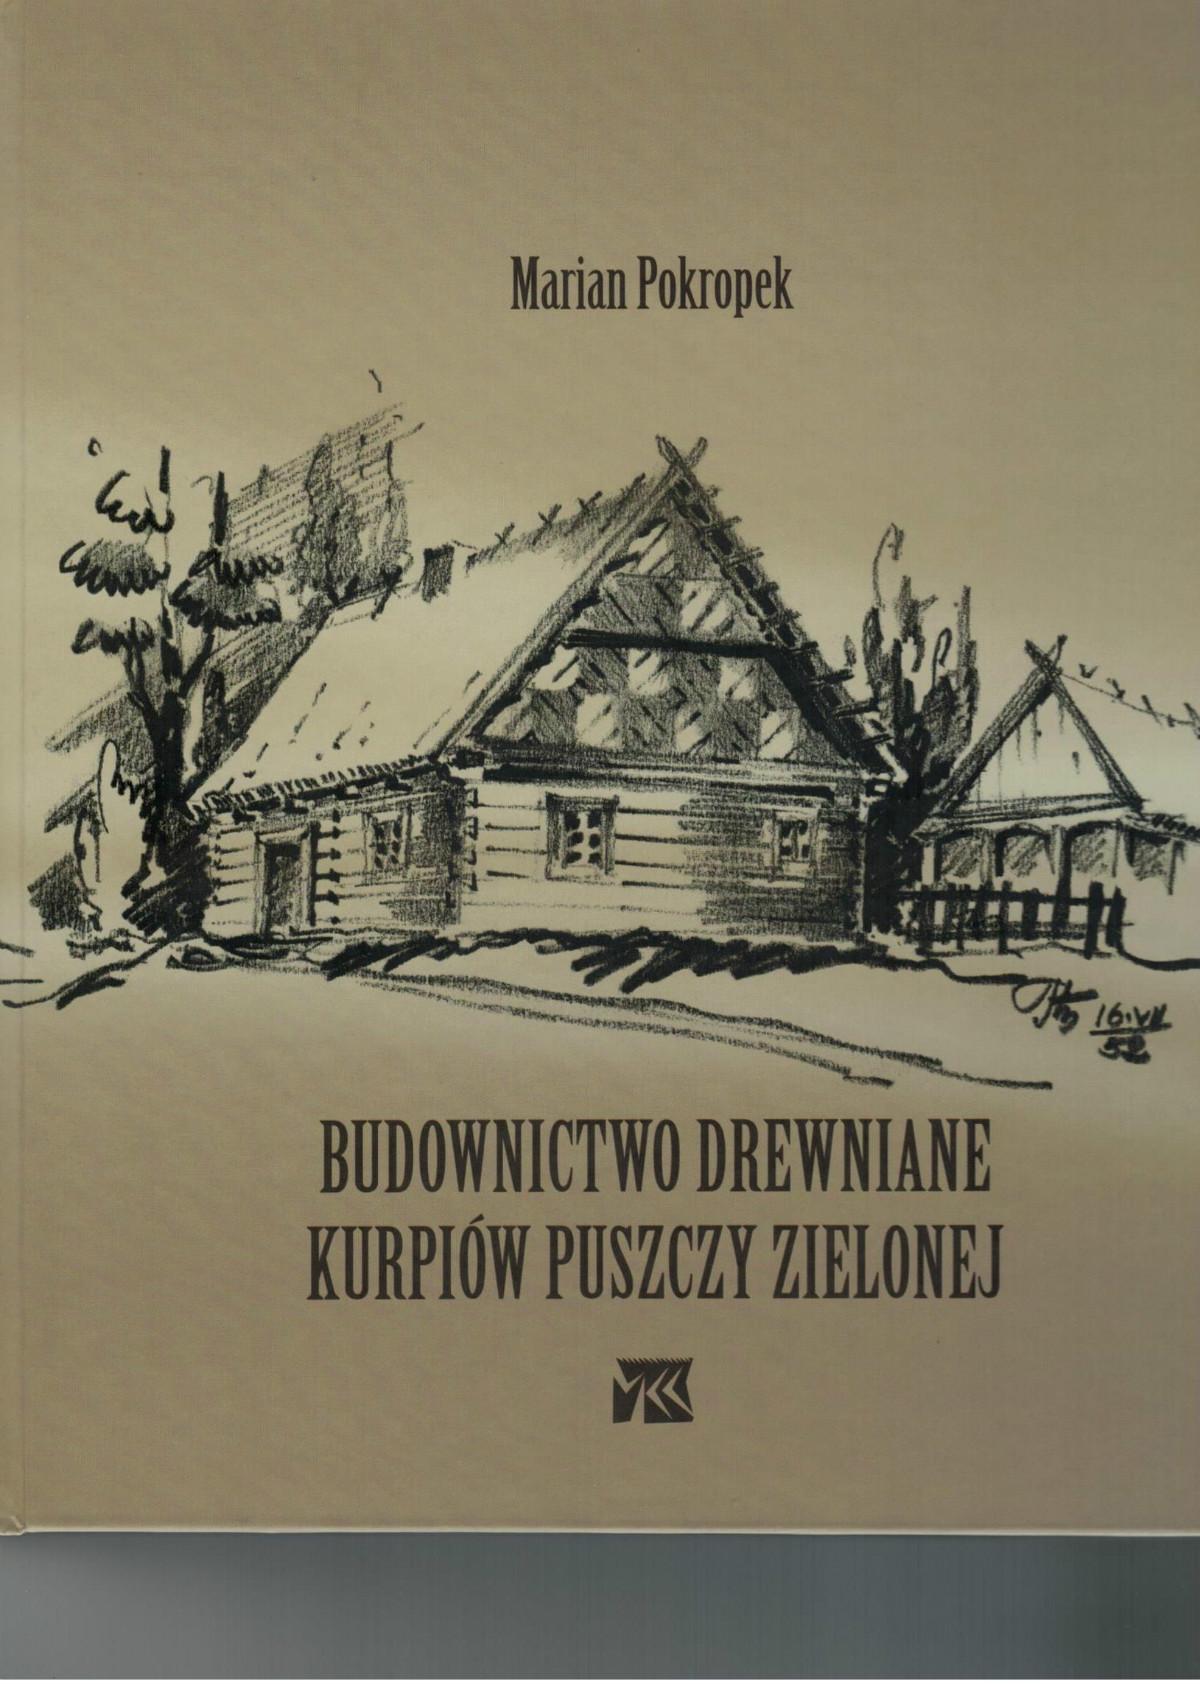 Budownictwo drewniane Kurpiów Puszczy Zielonej